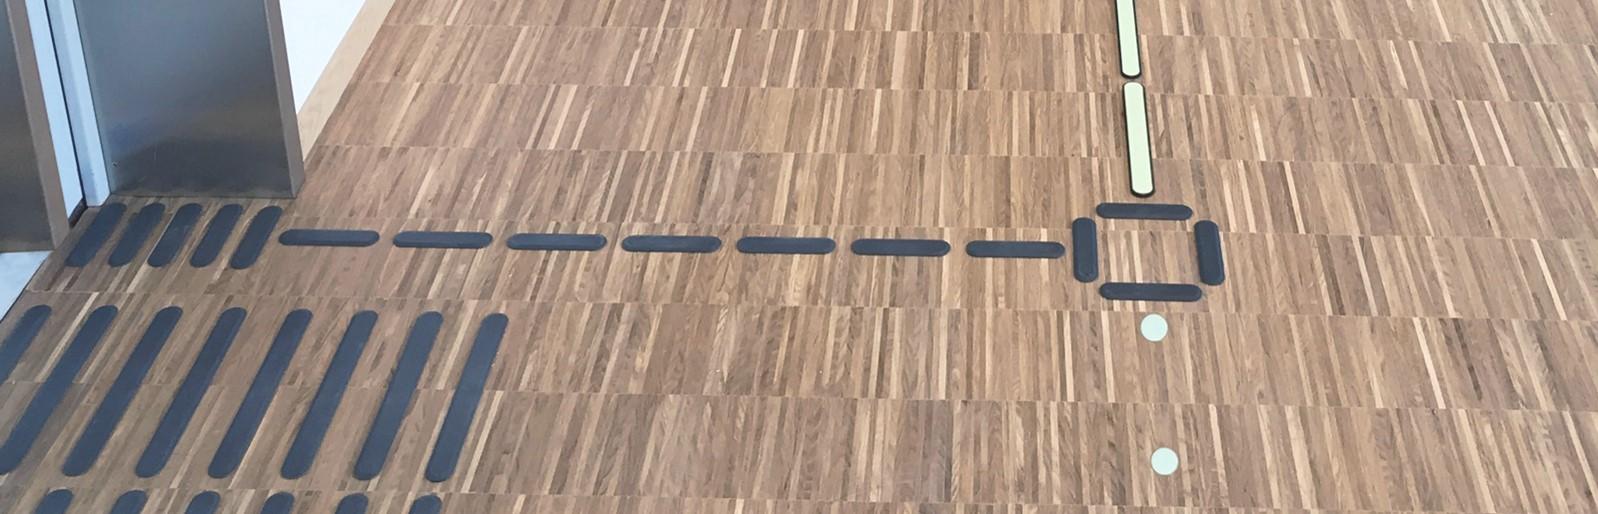 Kombinerte ledelinjer fra Smart Tactiles og Smart Signs